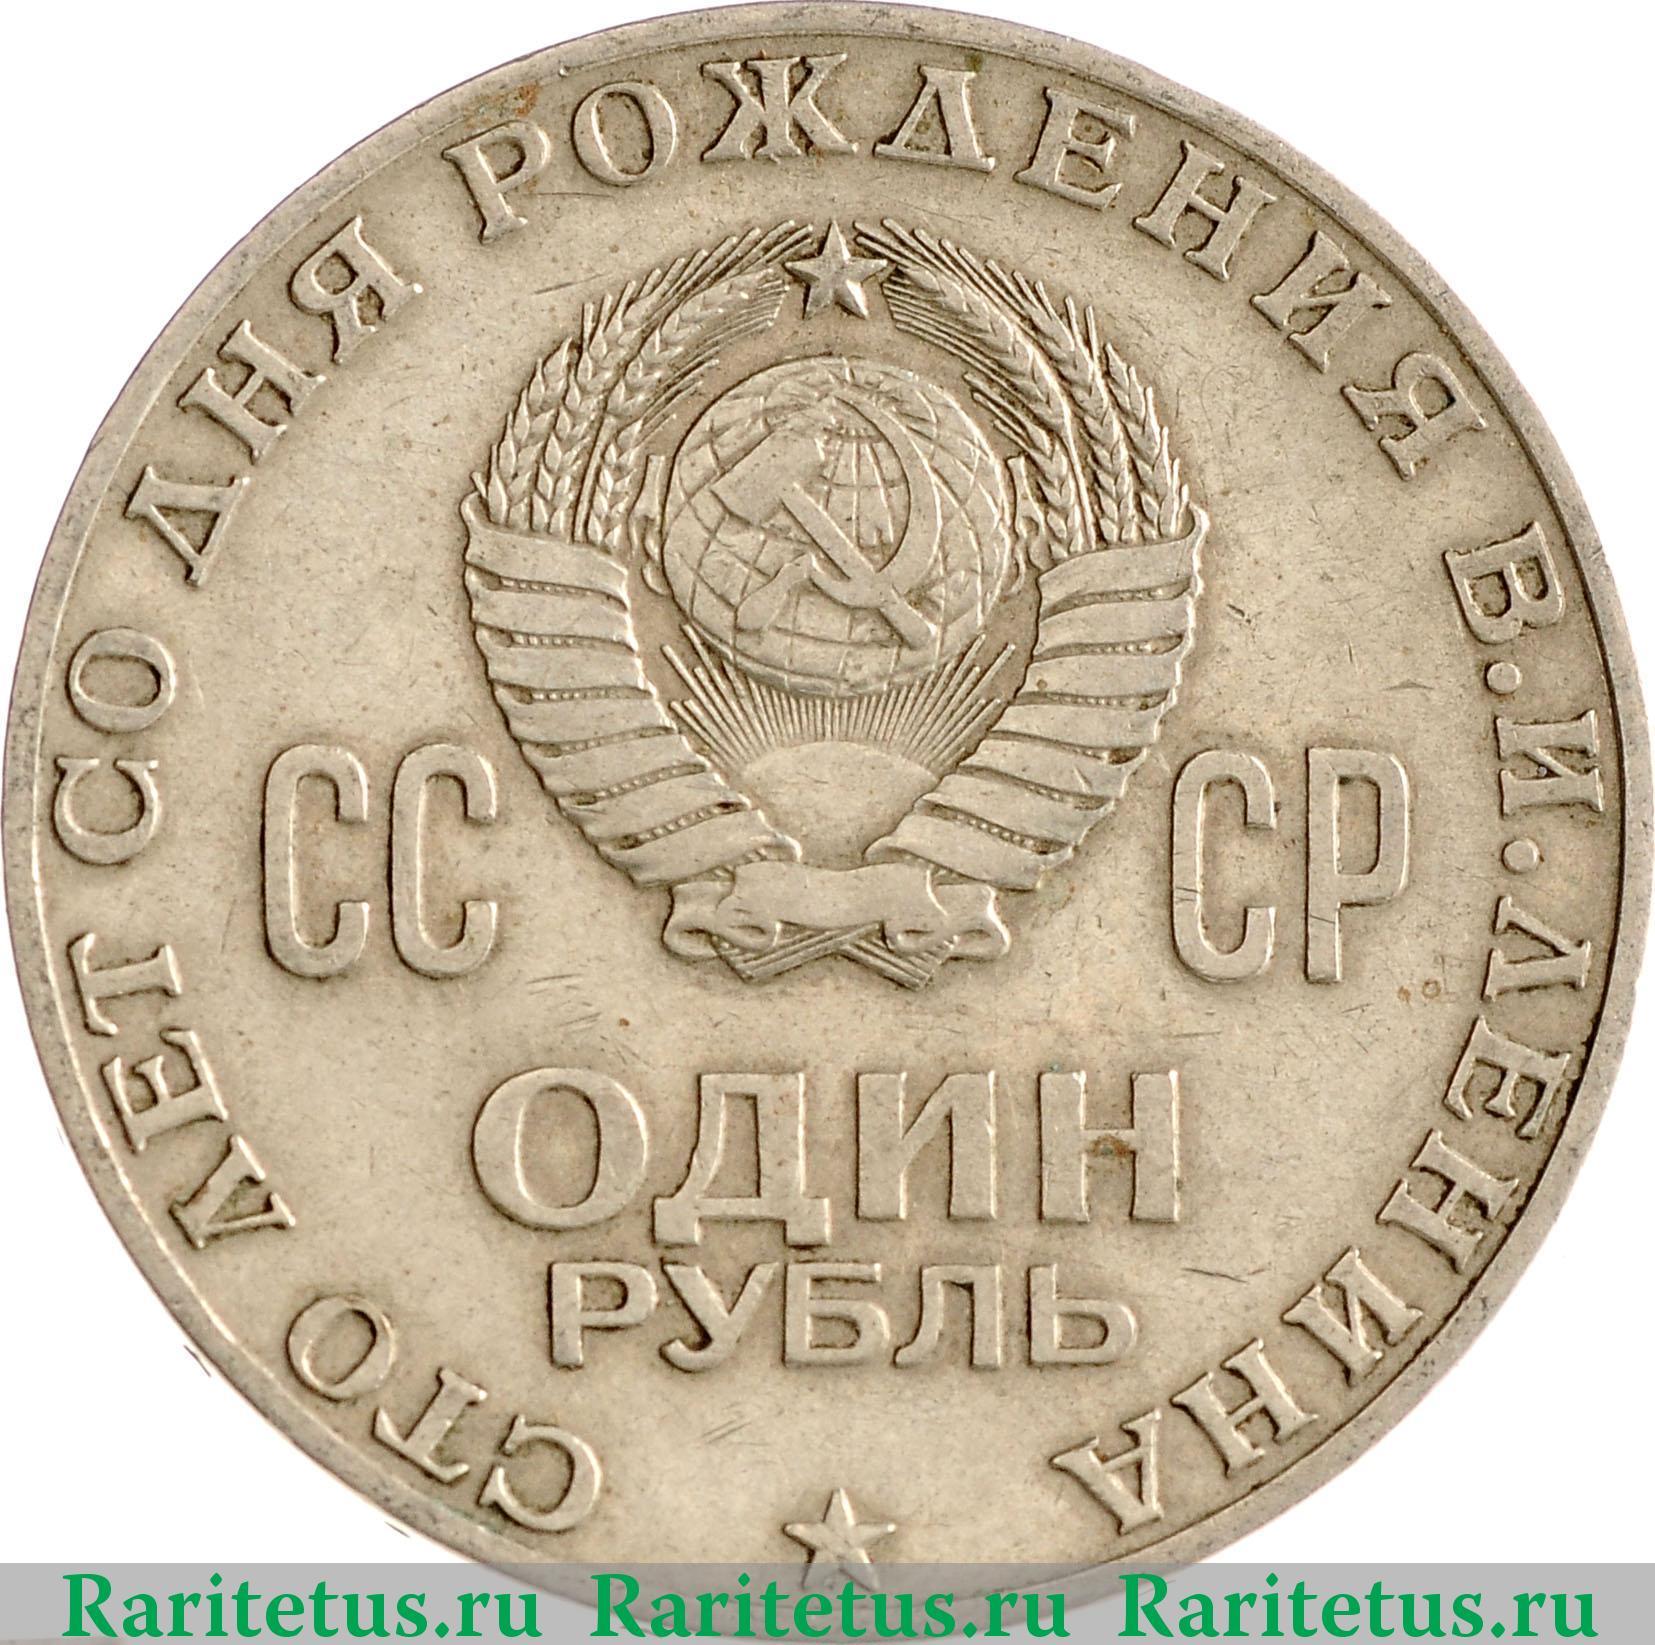 Цена монеты ссср 1 рубль 1870 1970 афера с монетами в москве